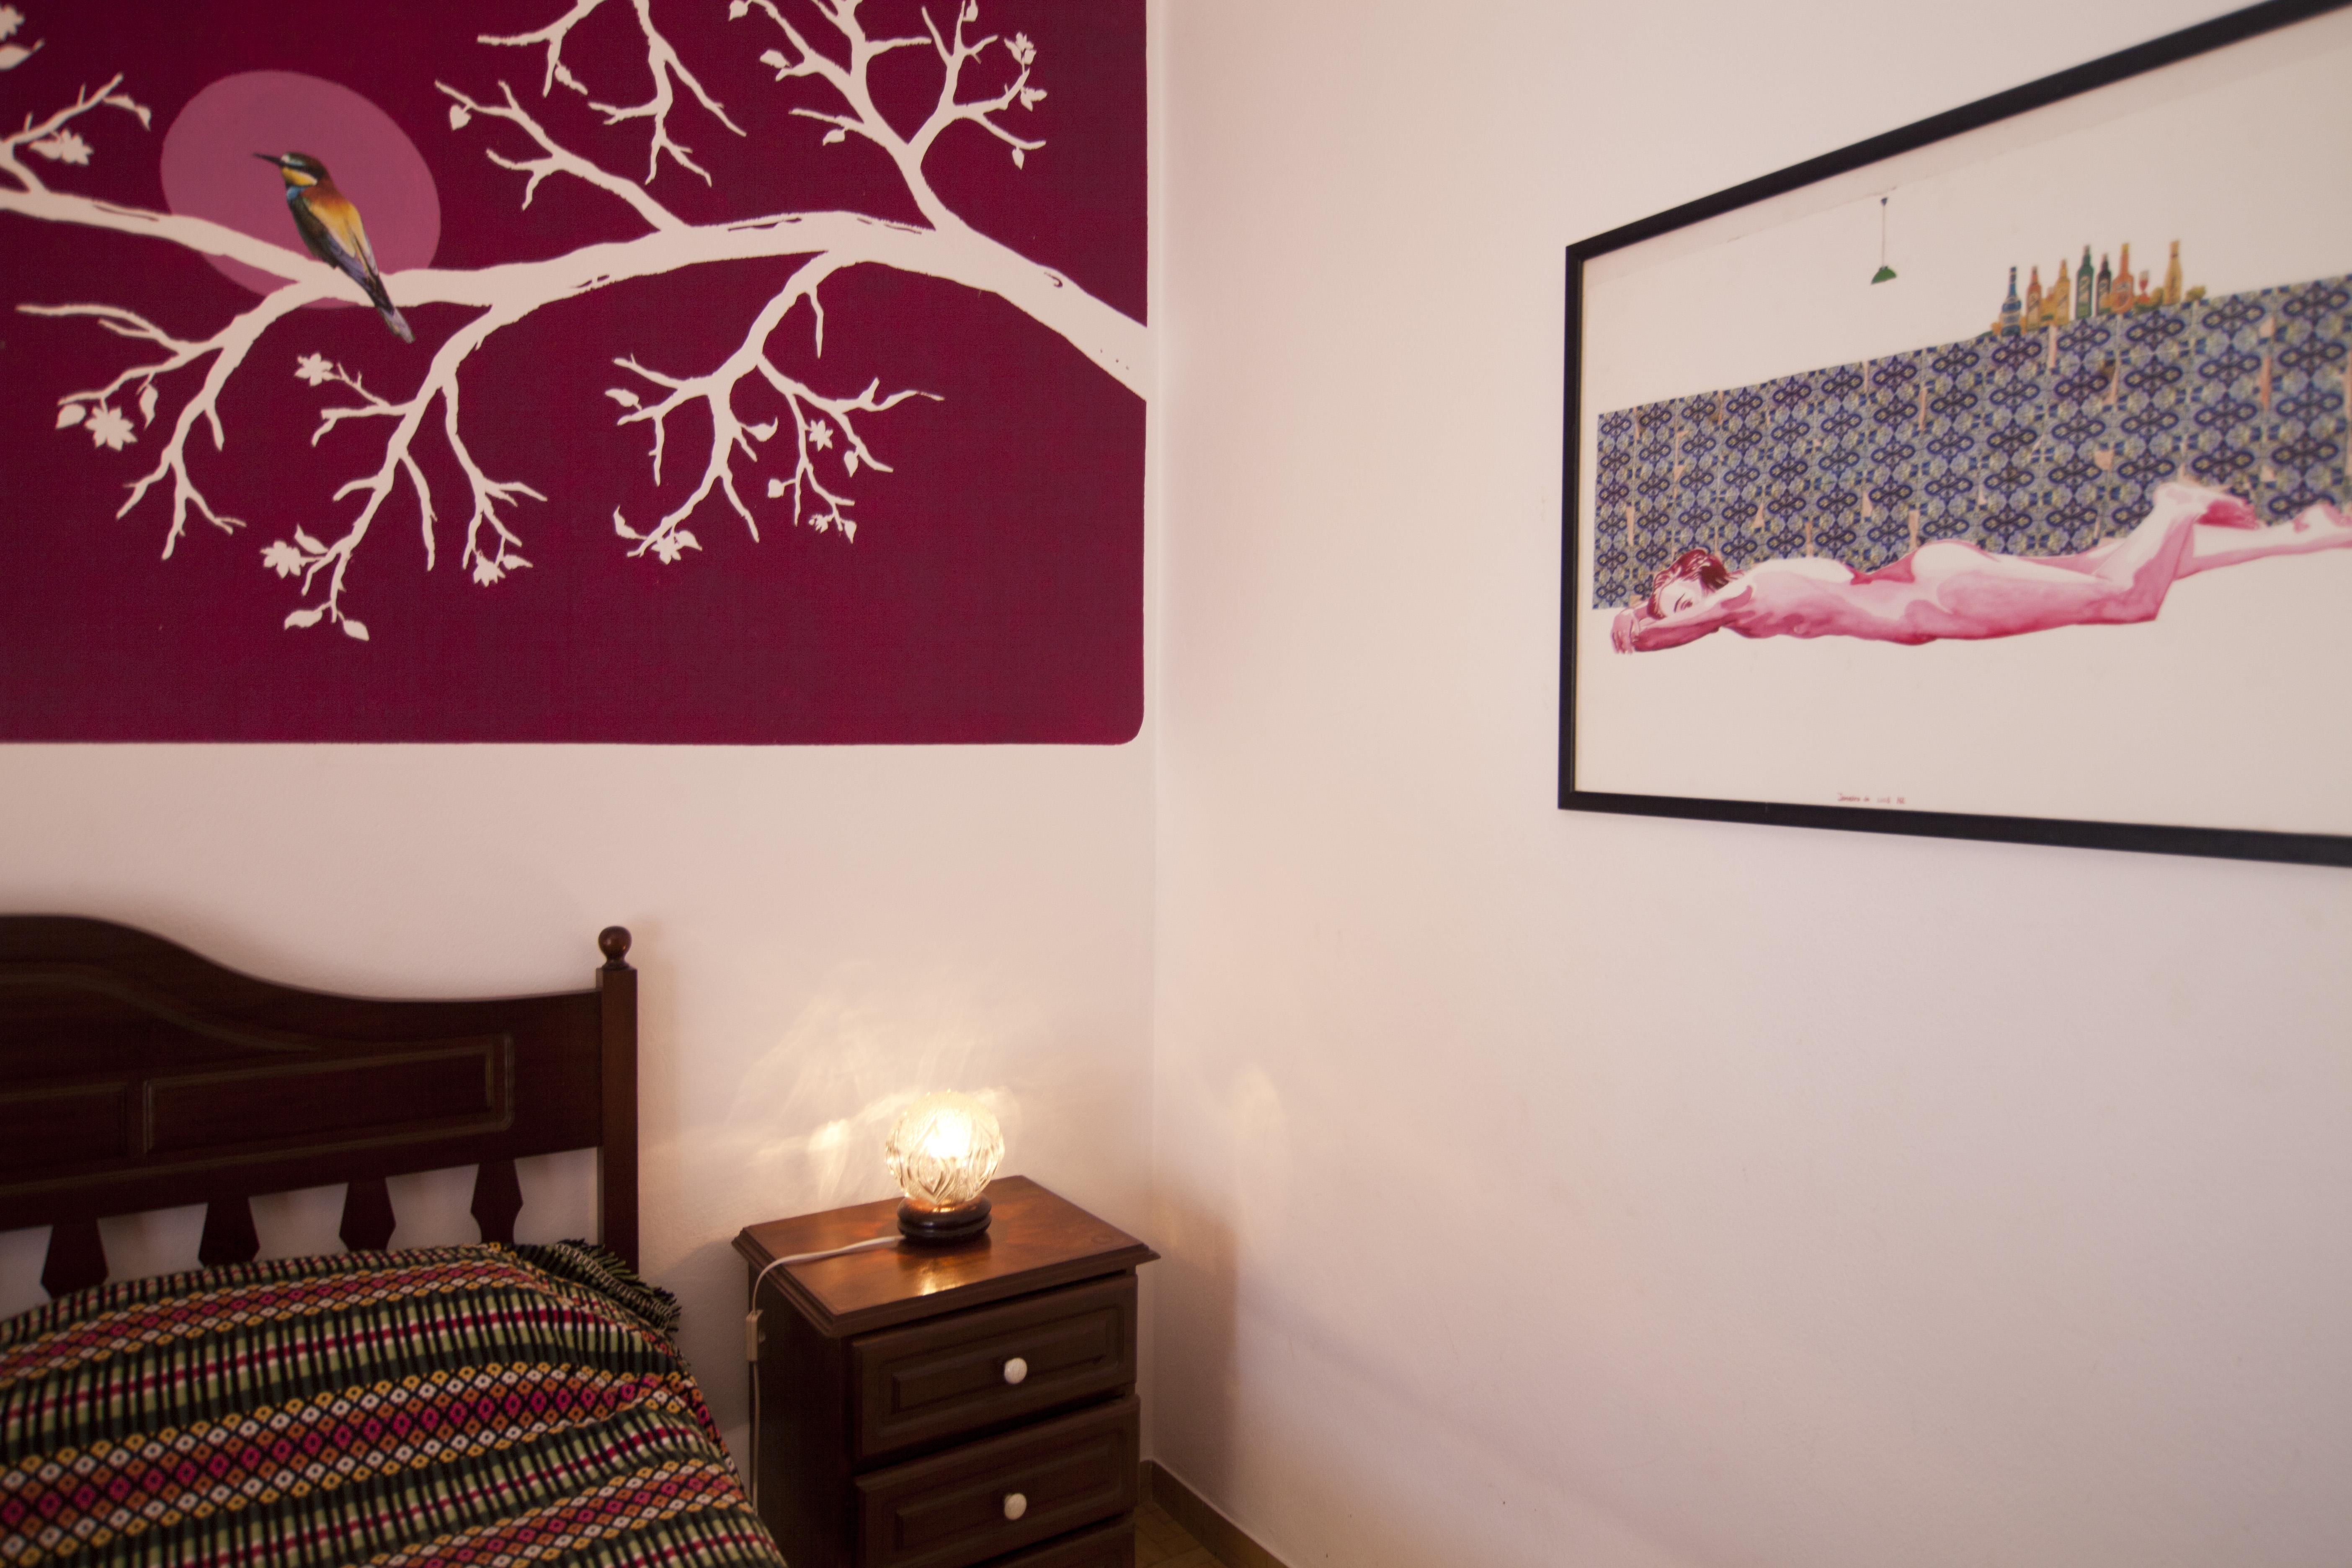 Hostel Seixe quarto 2 2